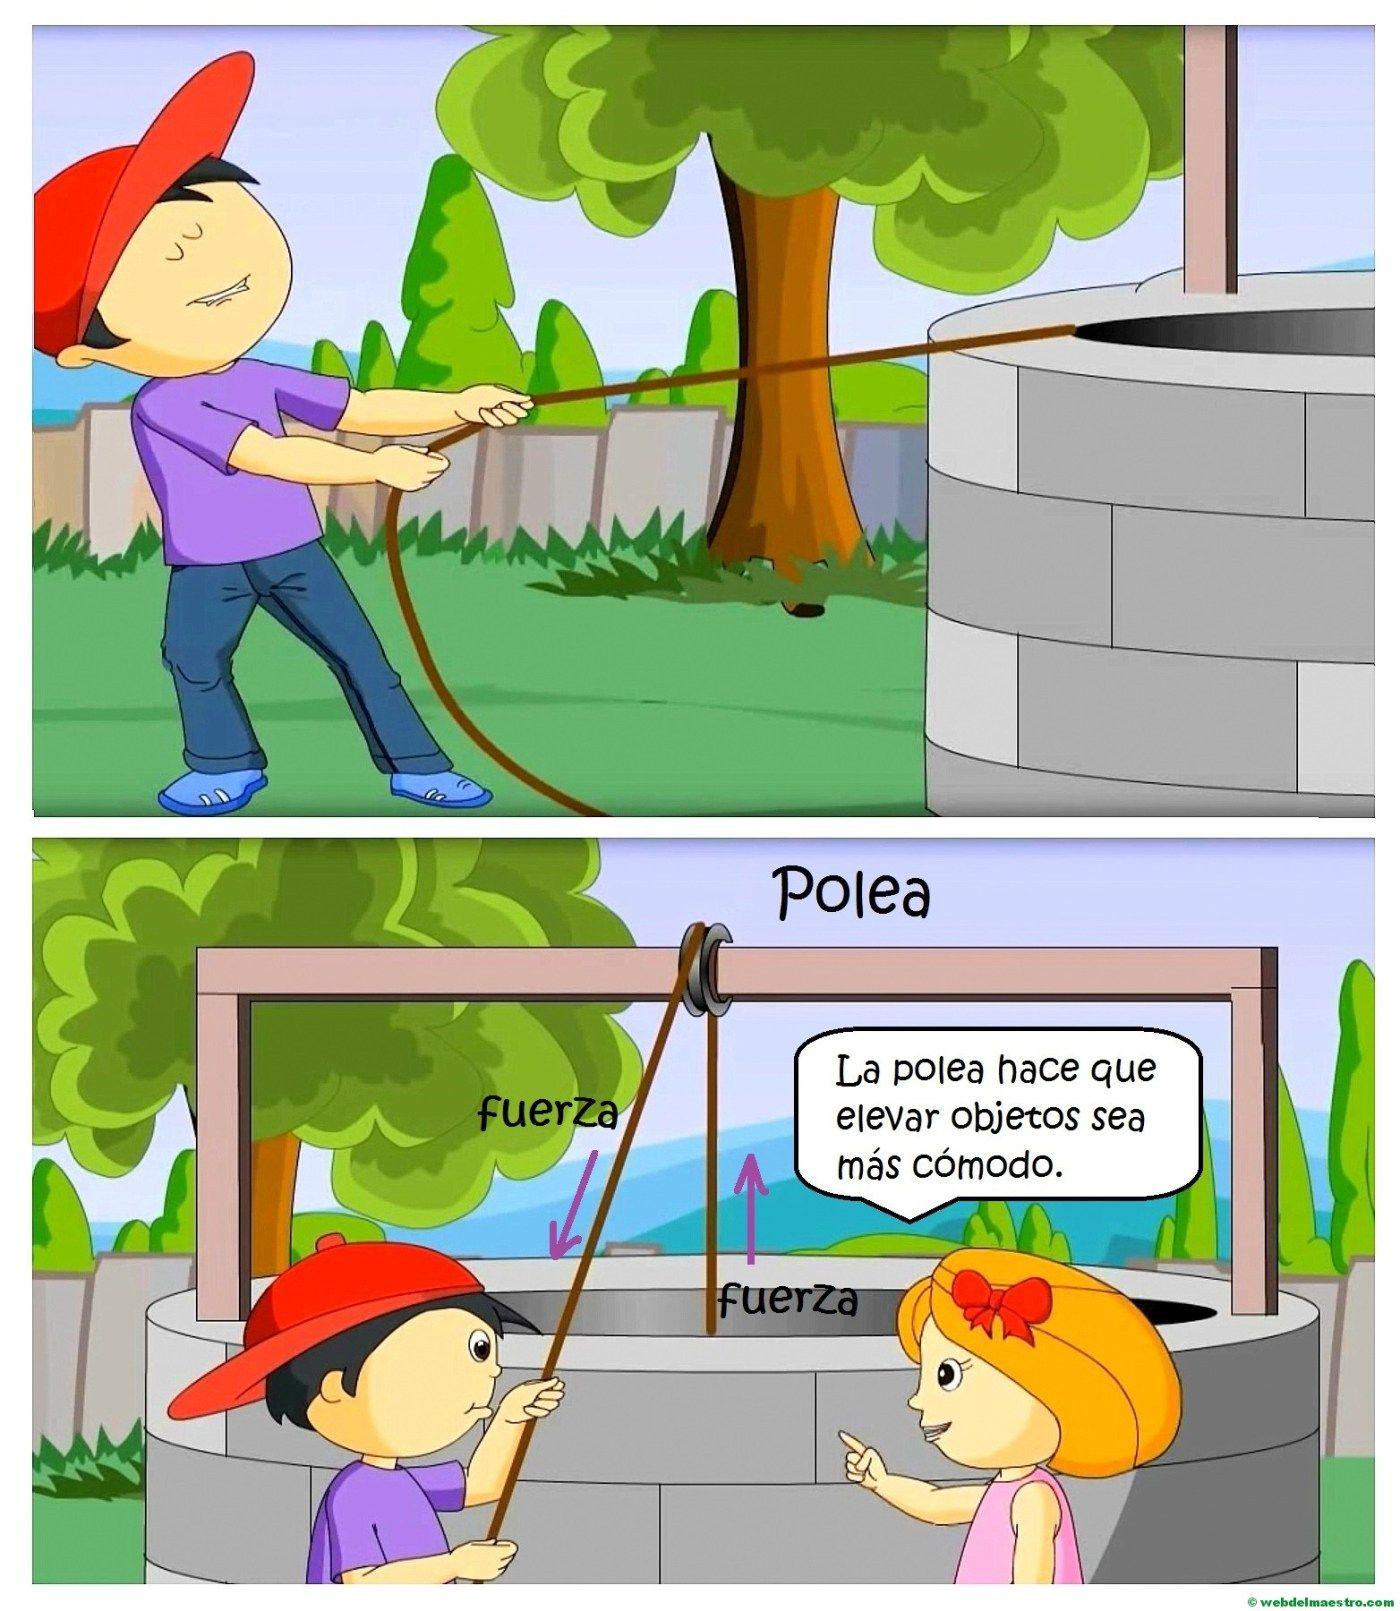 10 Ideas De Imagenes De Maquinas Simples Imagenes De Maquinas Simples Maquinas Simples Maquinas Simples Para Niños